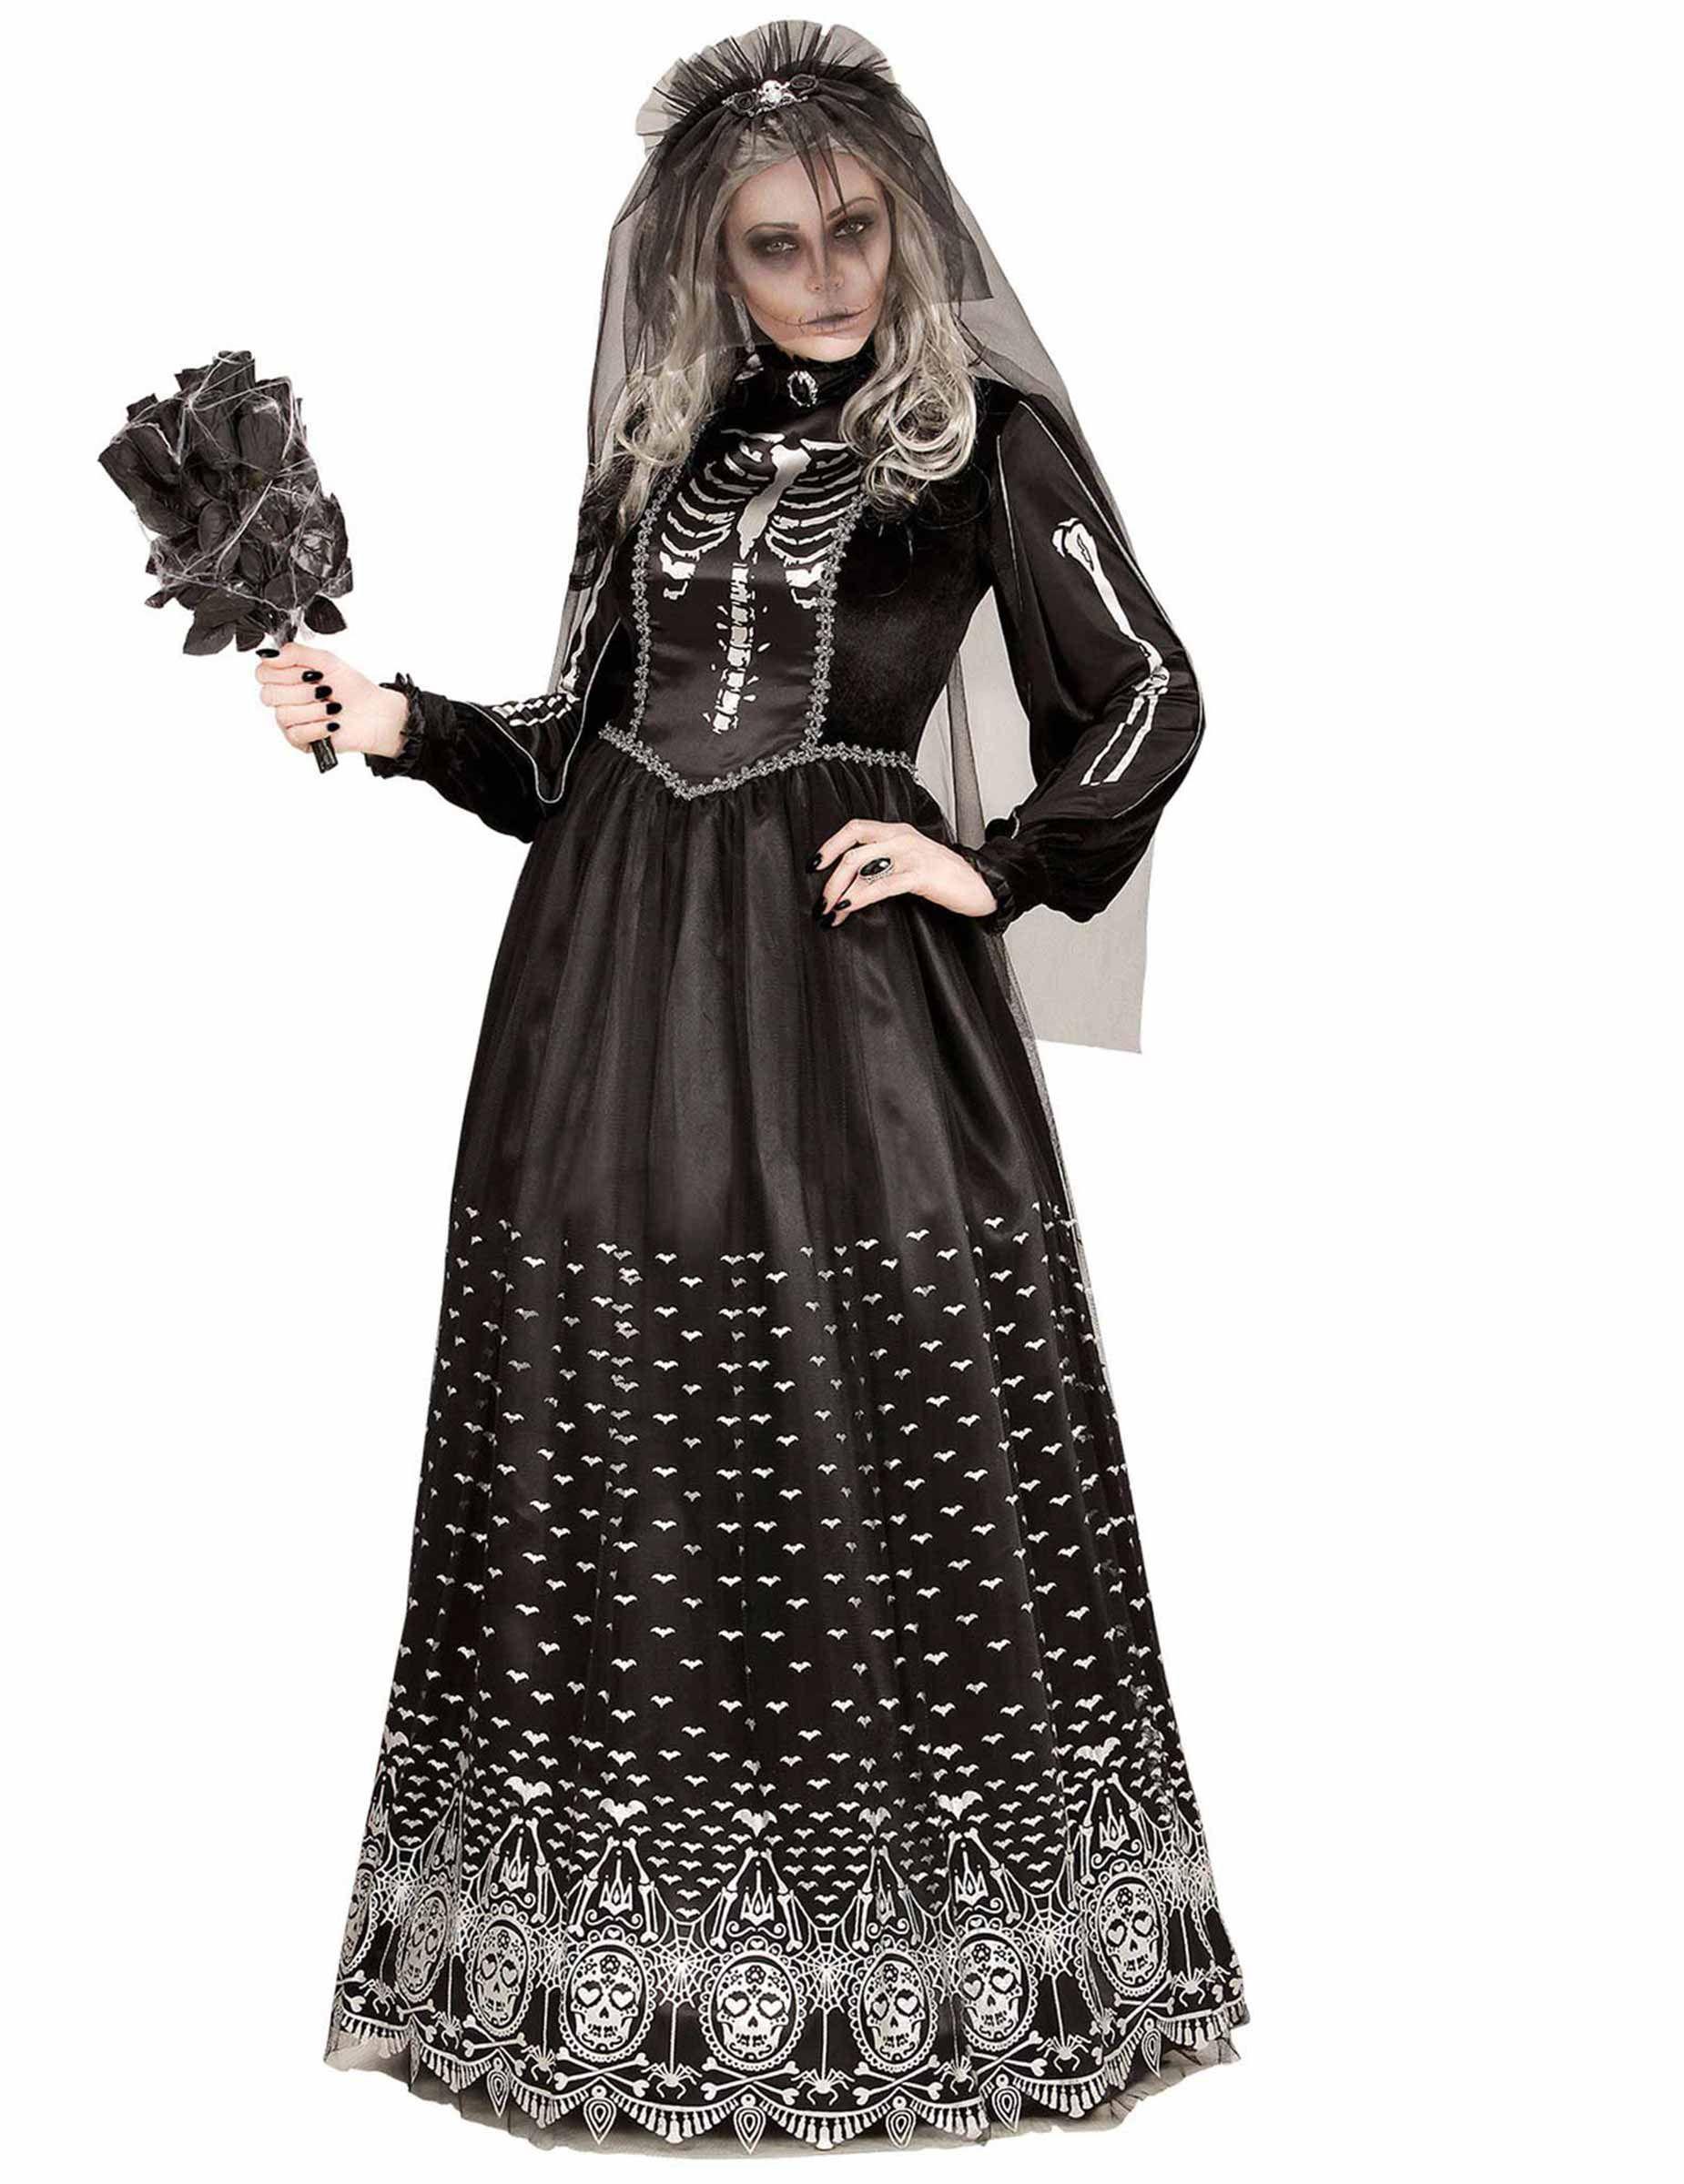 Costume da scheletro gotico nero per donna halloween  Un travestimento da  scheletro gotico nero per 3a522e334844